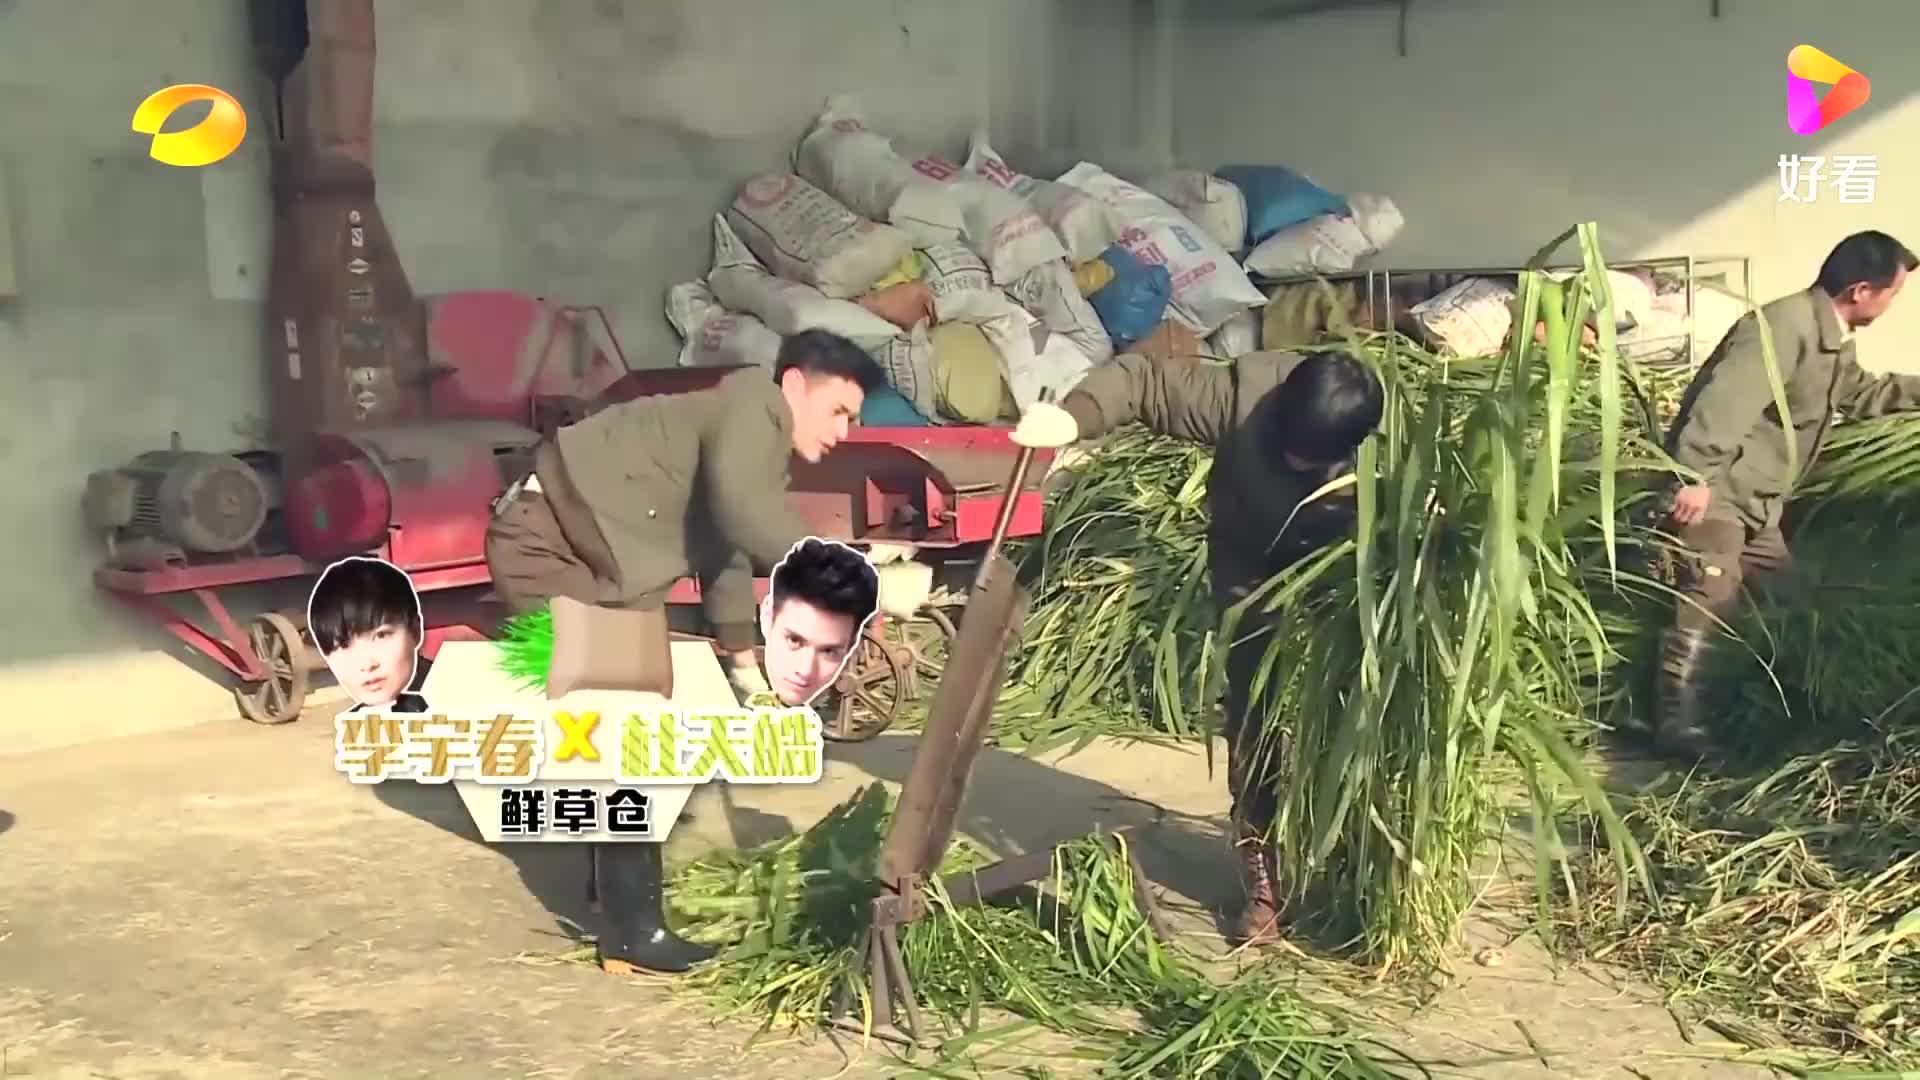 李宇春顶着大太阳切割象草,满头大汗,眼都睁不开了丨奇妙的朋友